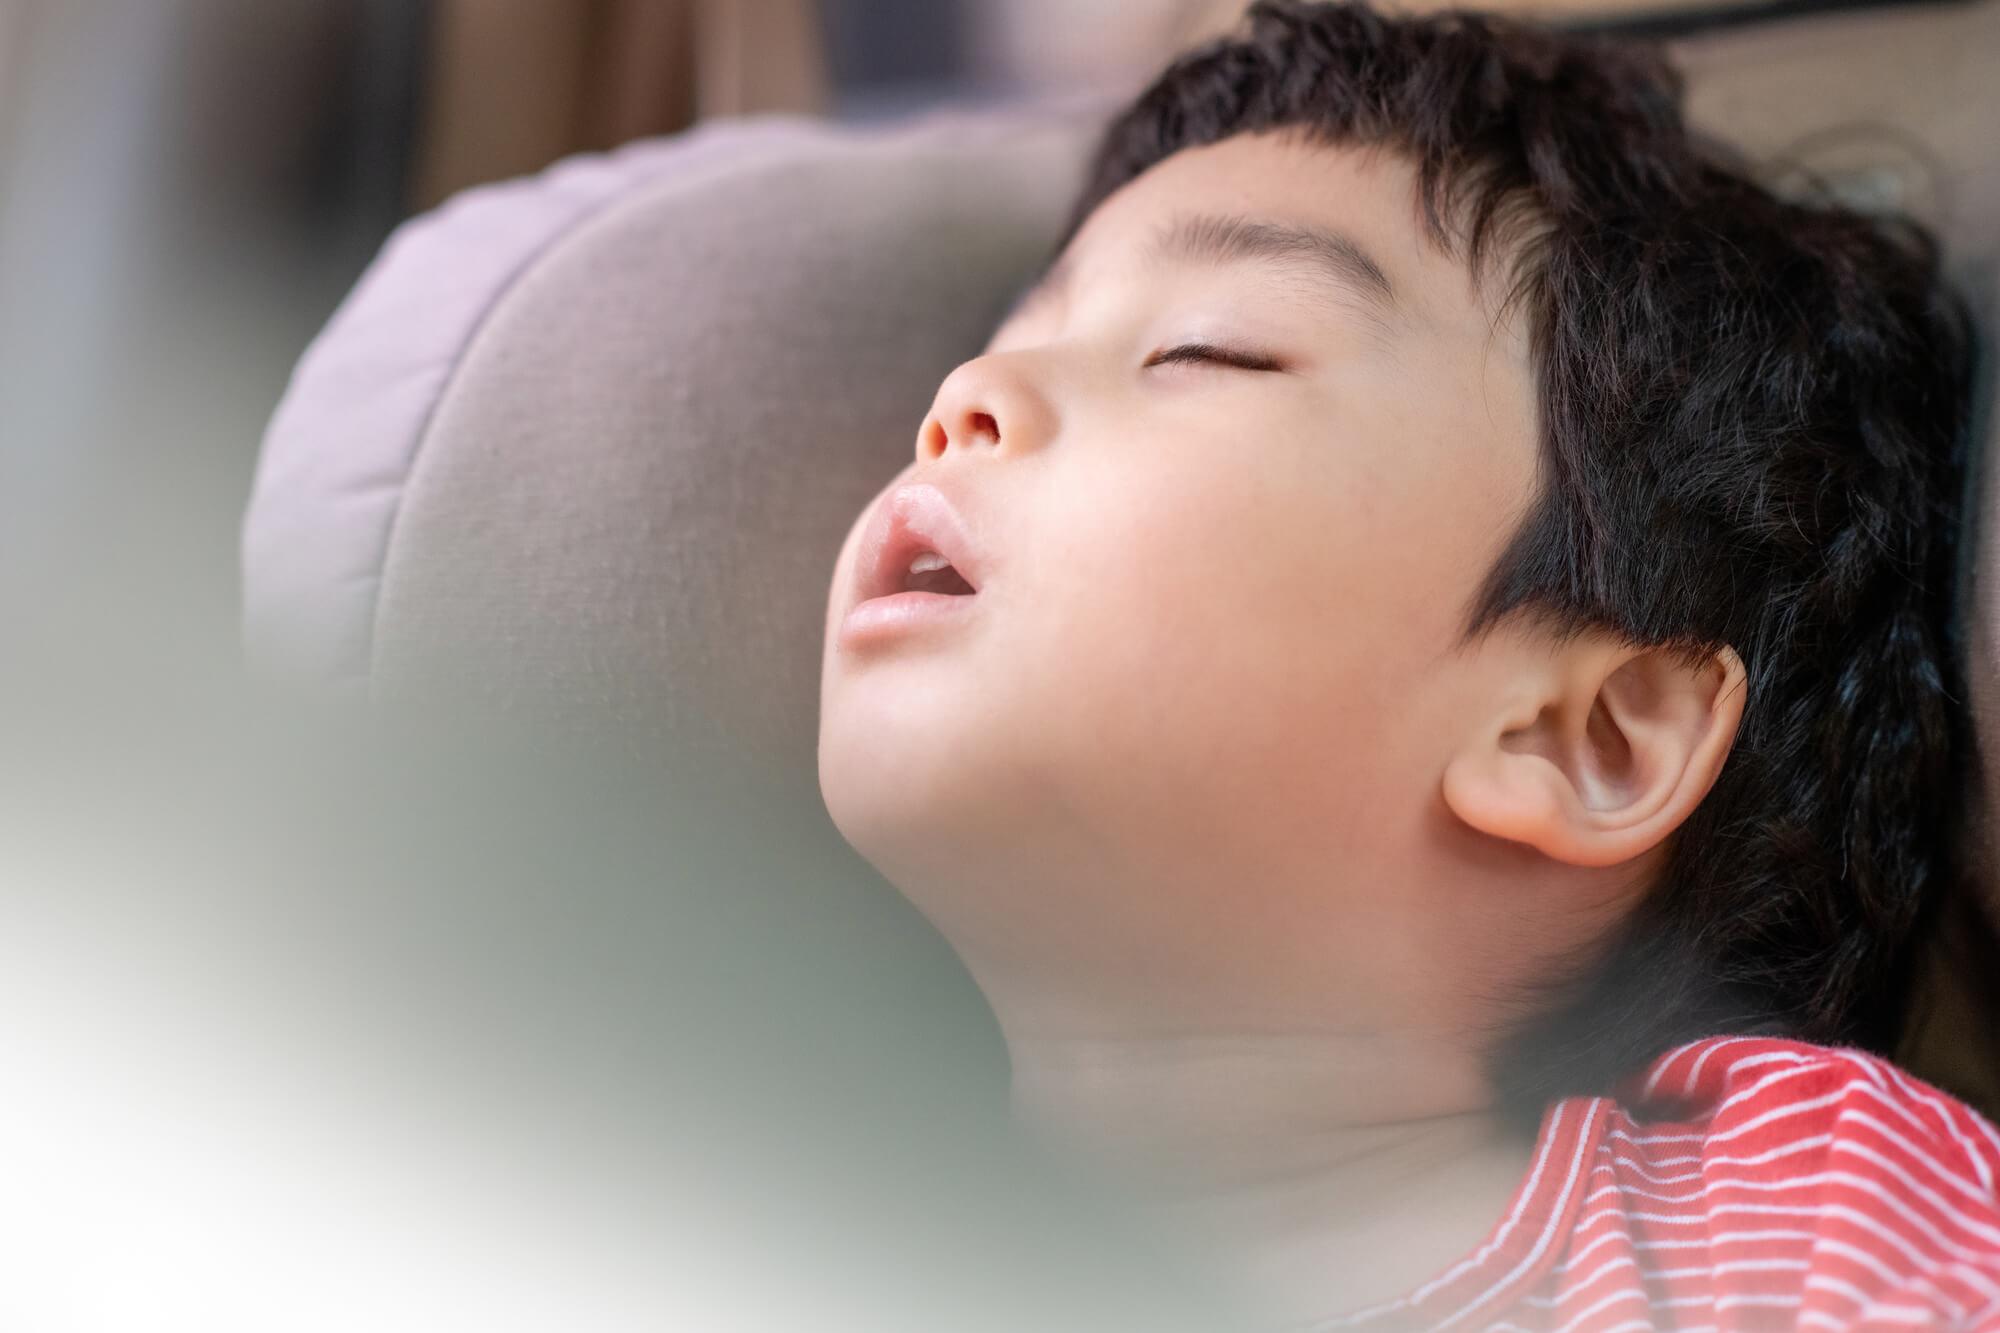 発達障害のある子どもの睡眠障害